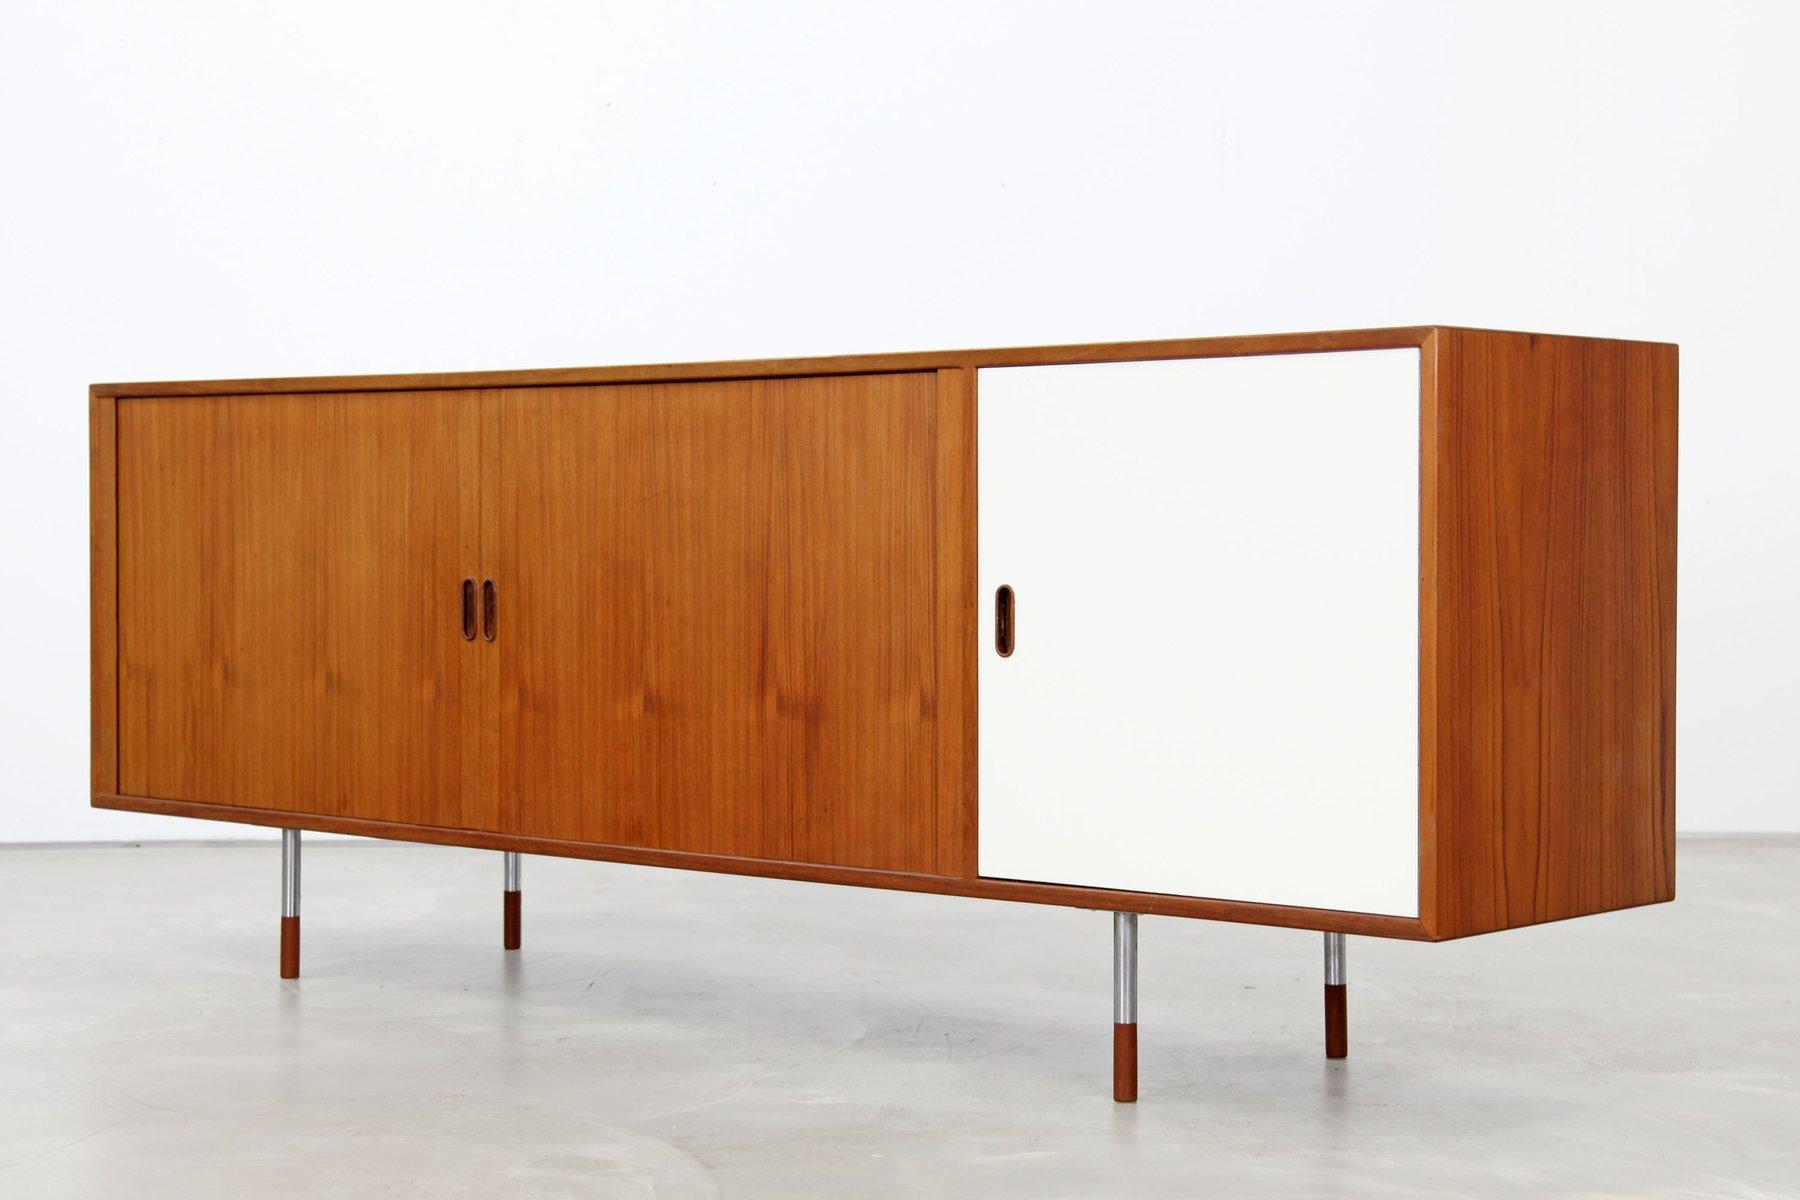 os36 teak sideboard by arne vodder for sibast 1960s for sale at pamono. Black Bedroom Furniture Sets. Home Design Ideas